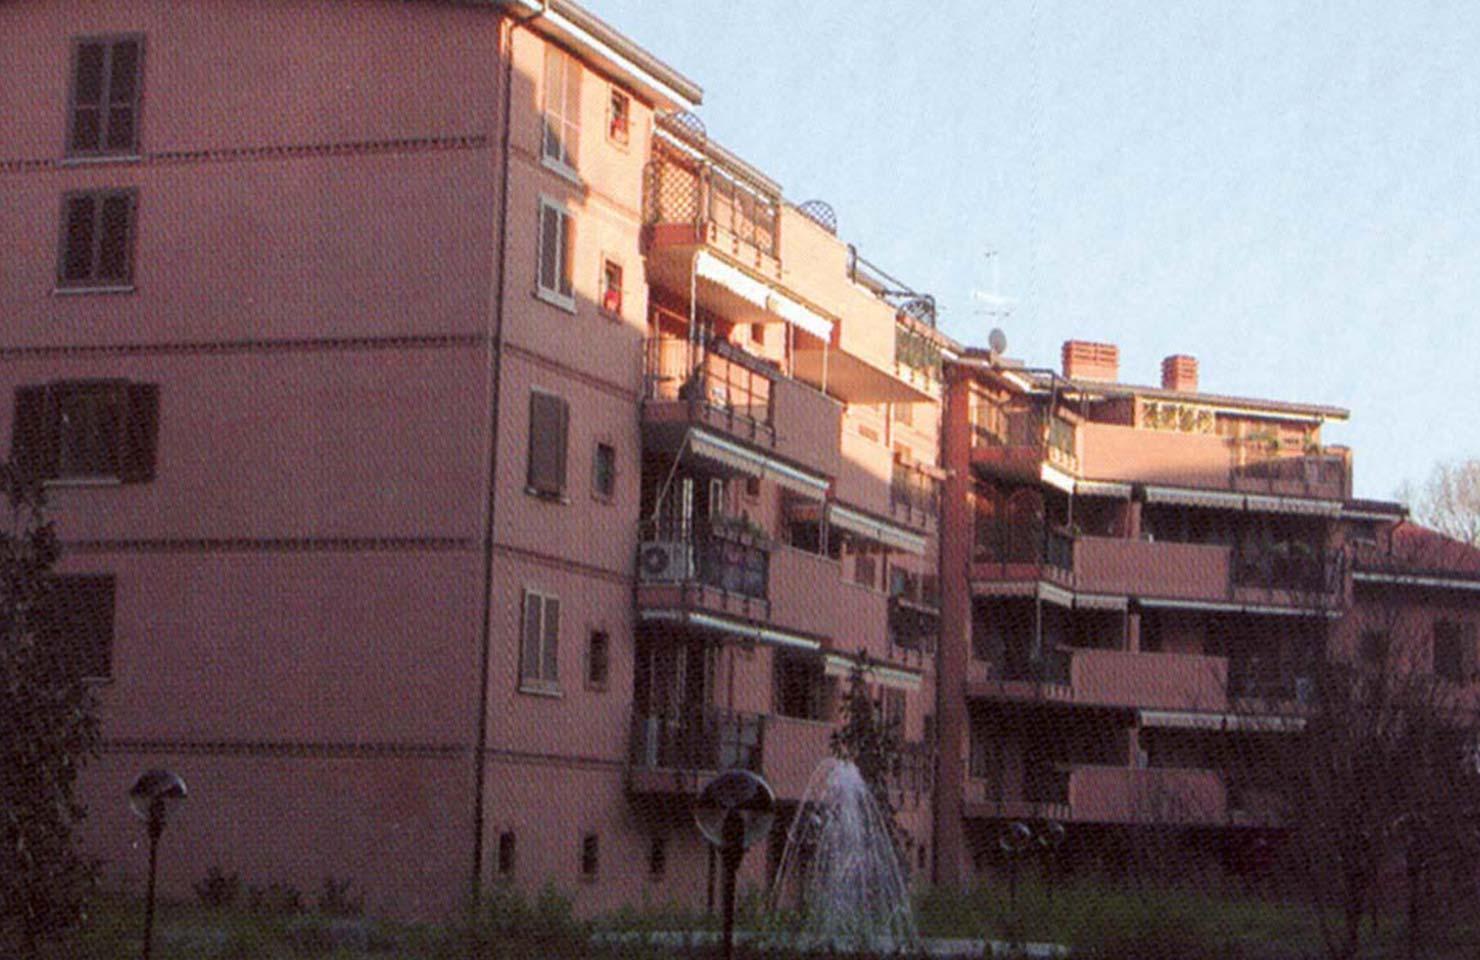 Via Cavour – Trezzano sul Naviglio